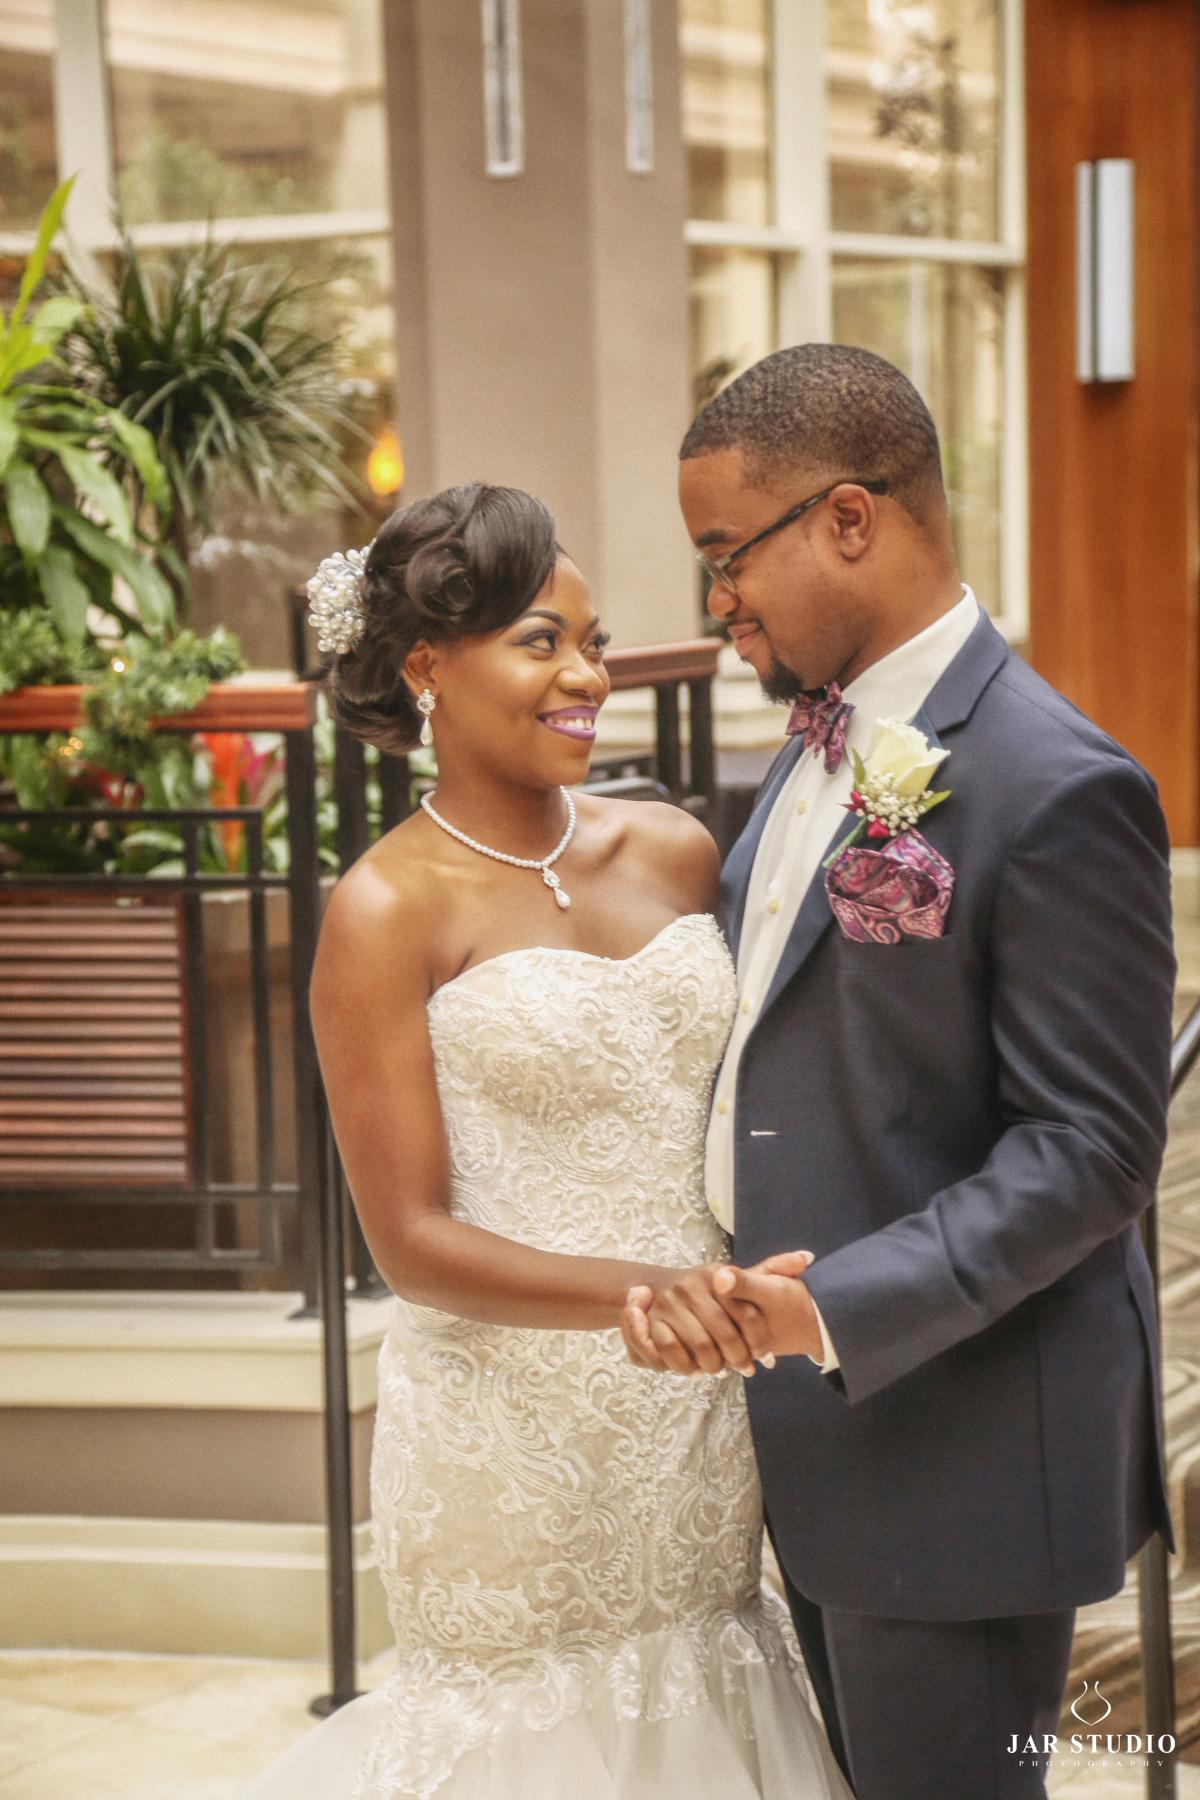 14-jarstudio-wedding-photographer.JPG